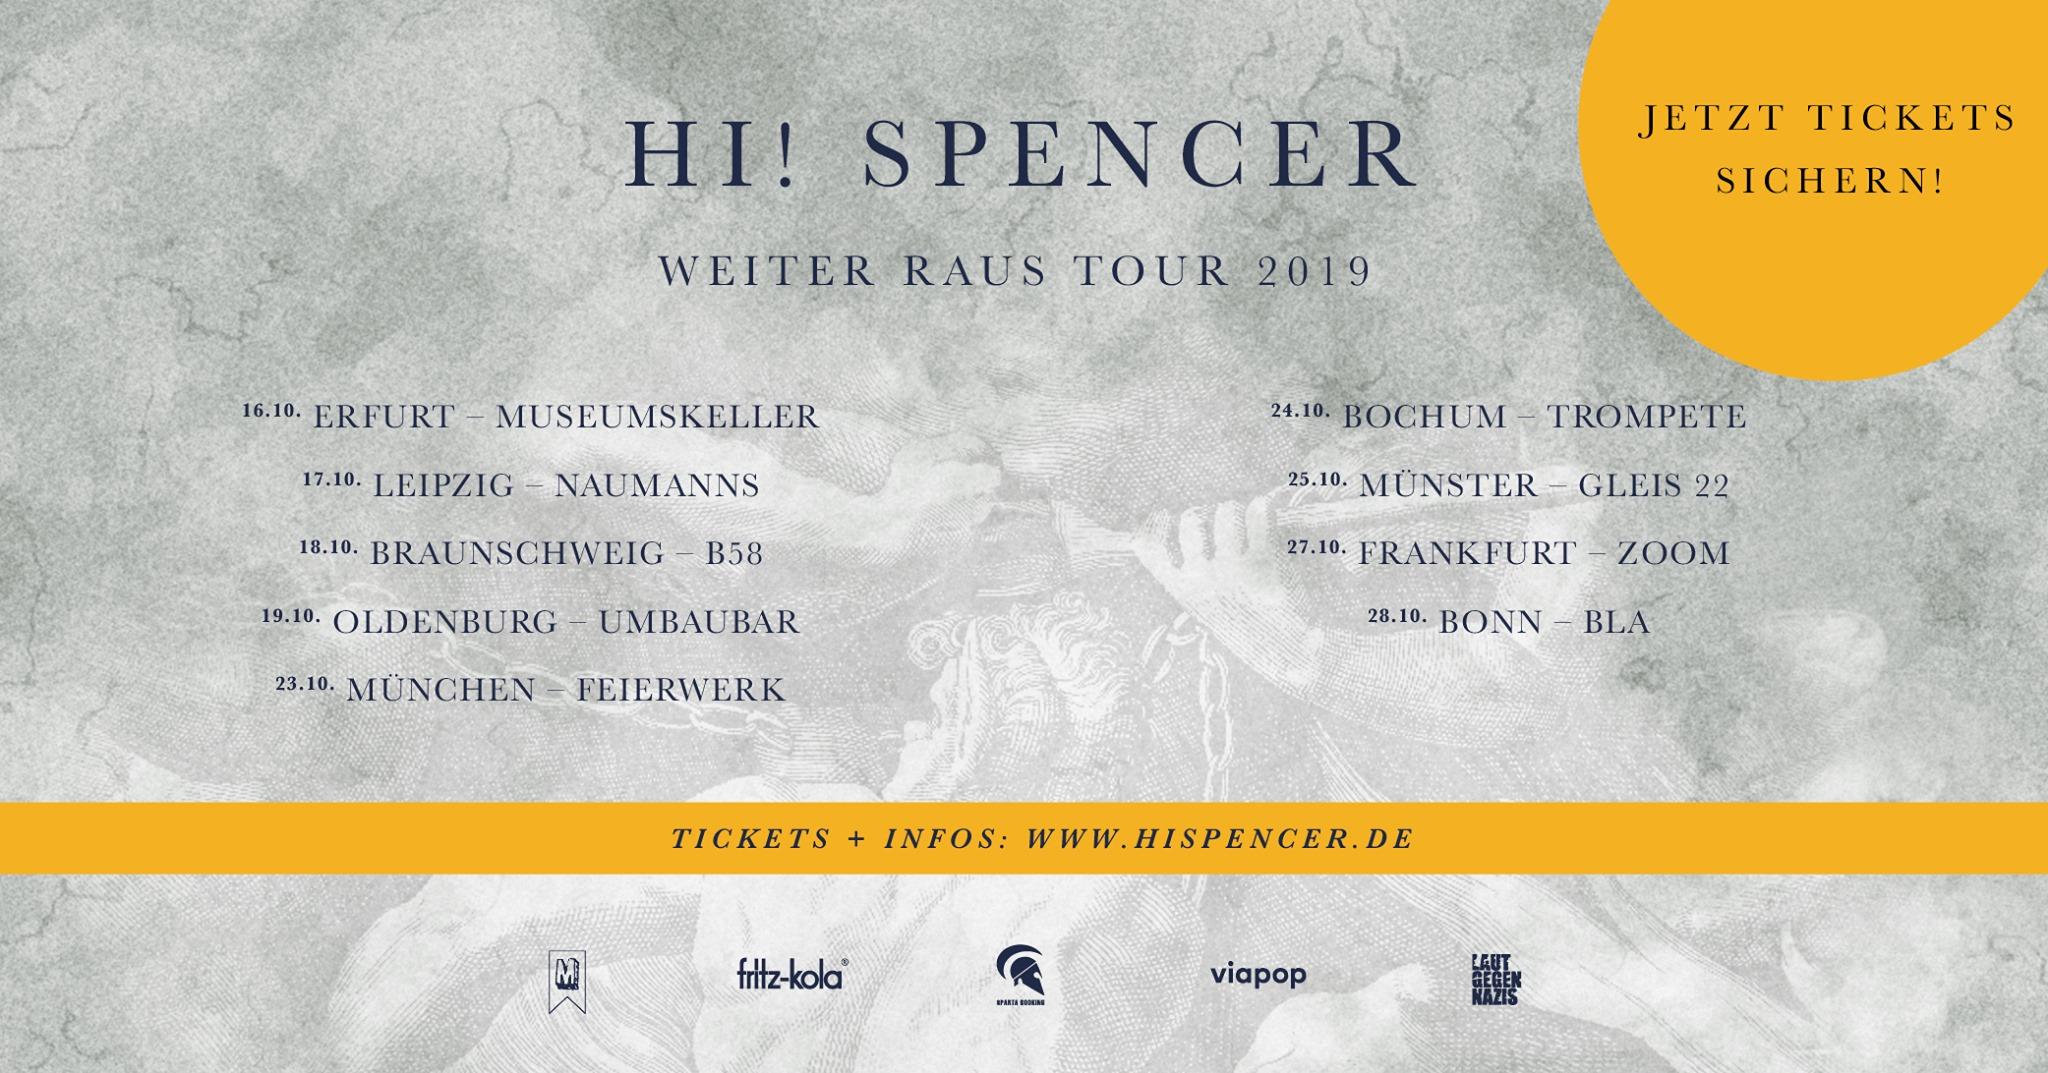 Hi! Spencer